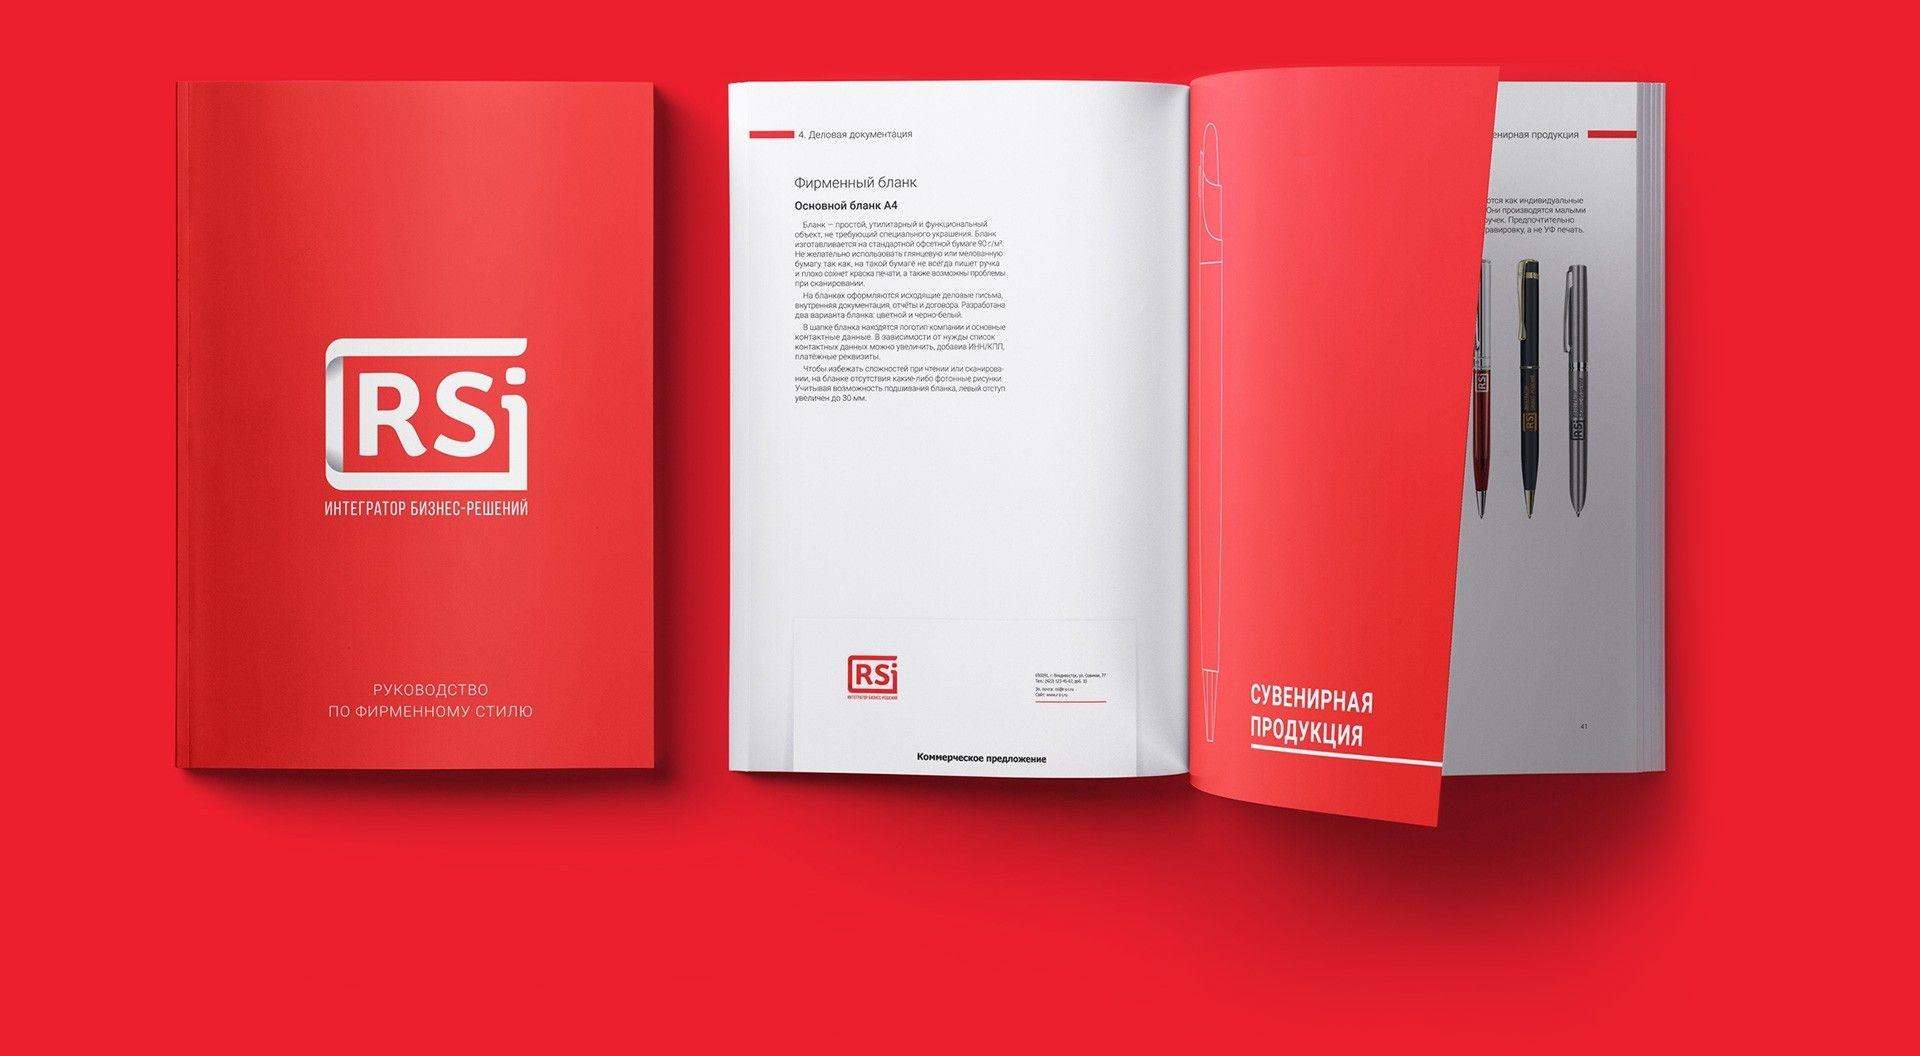 Разработка фирменного стиля RSi во Владивостоке